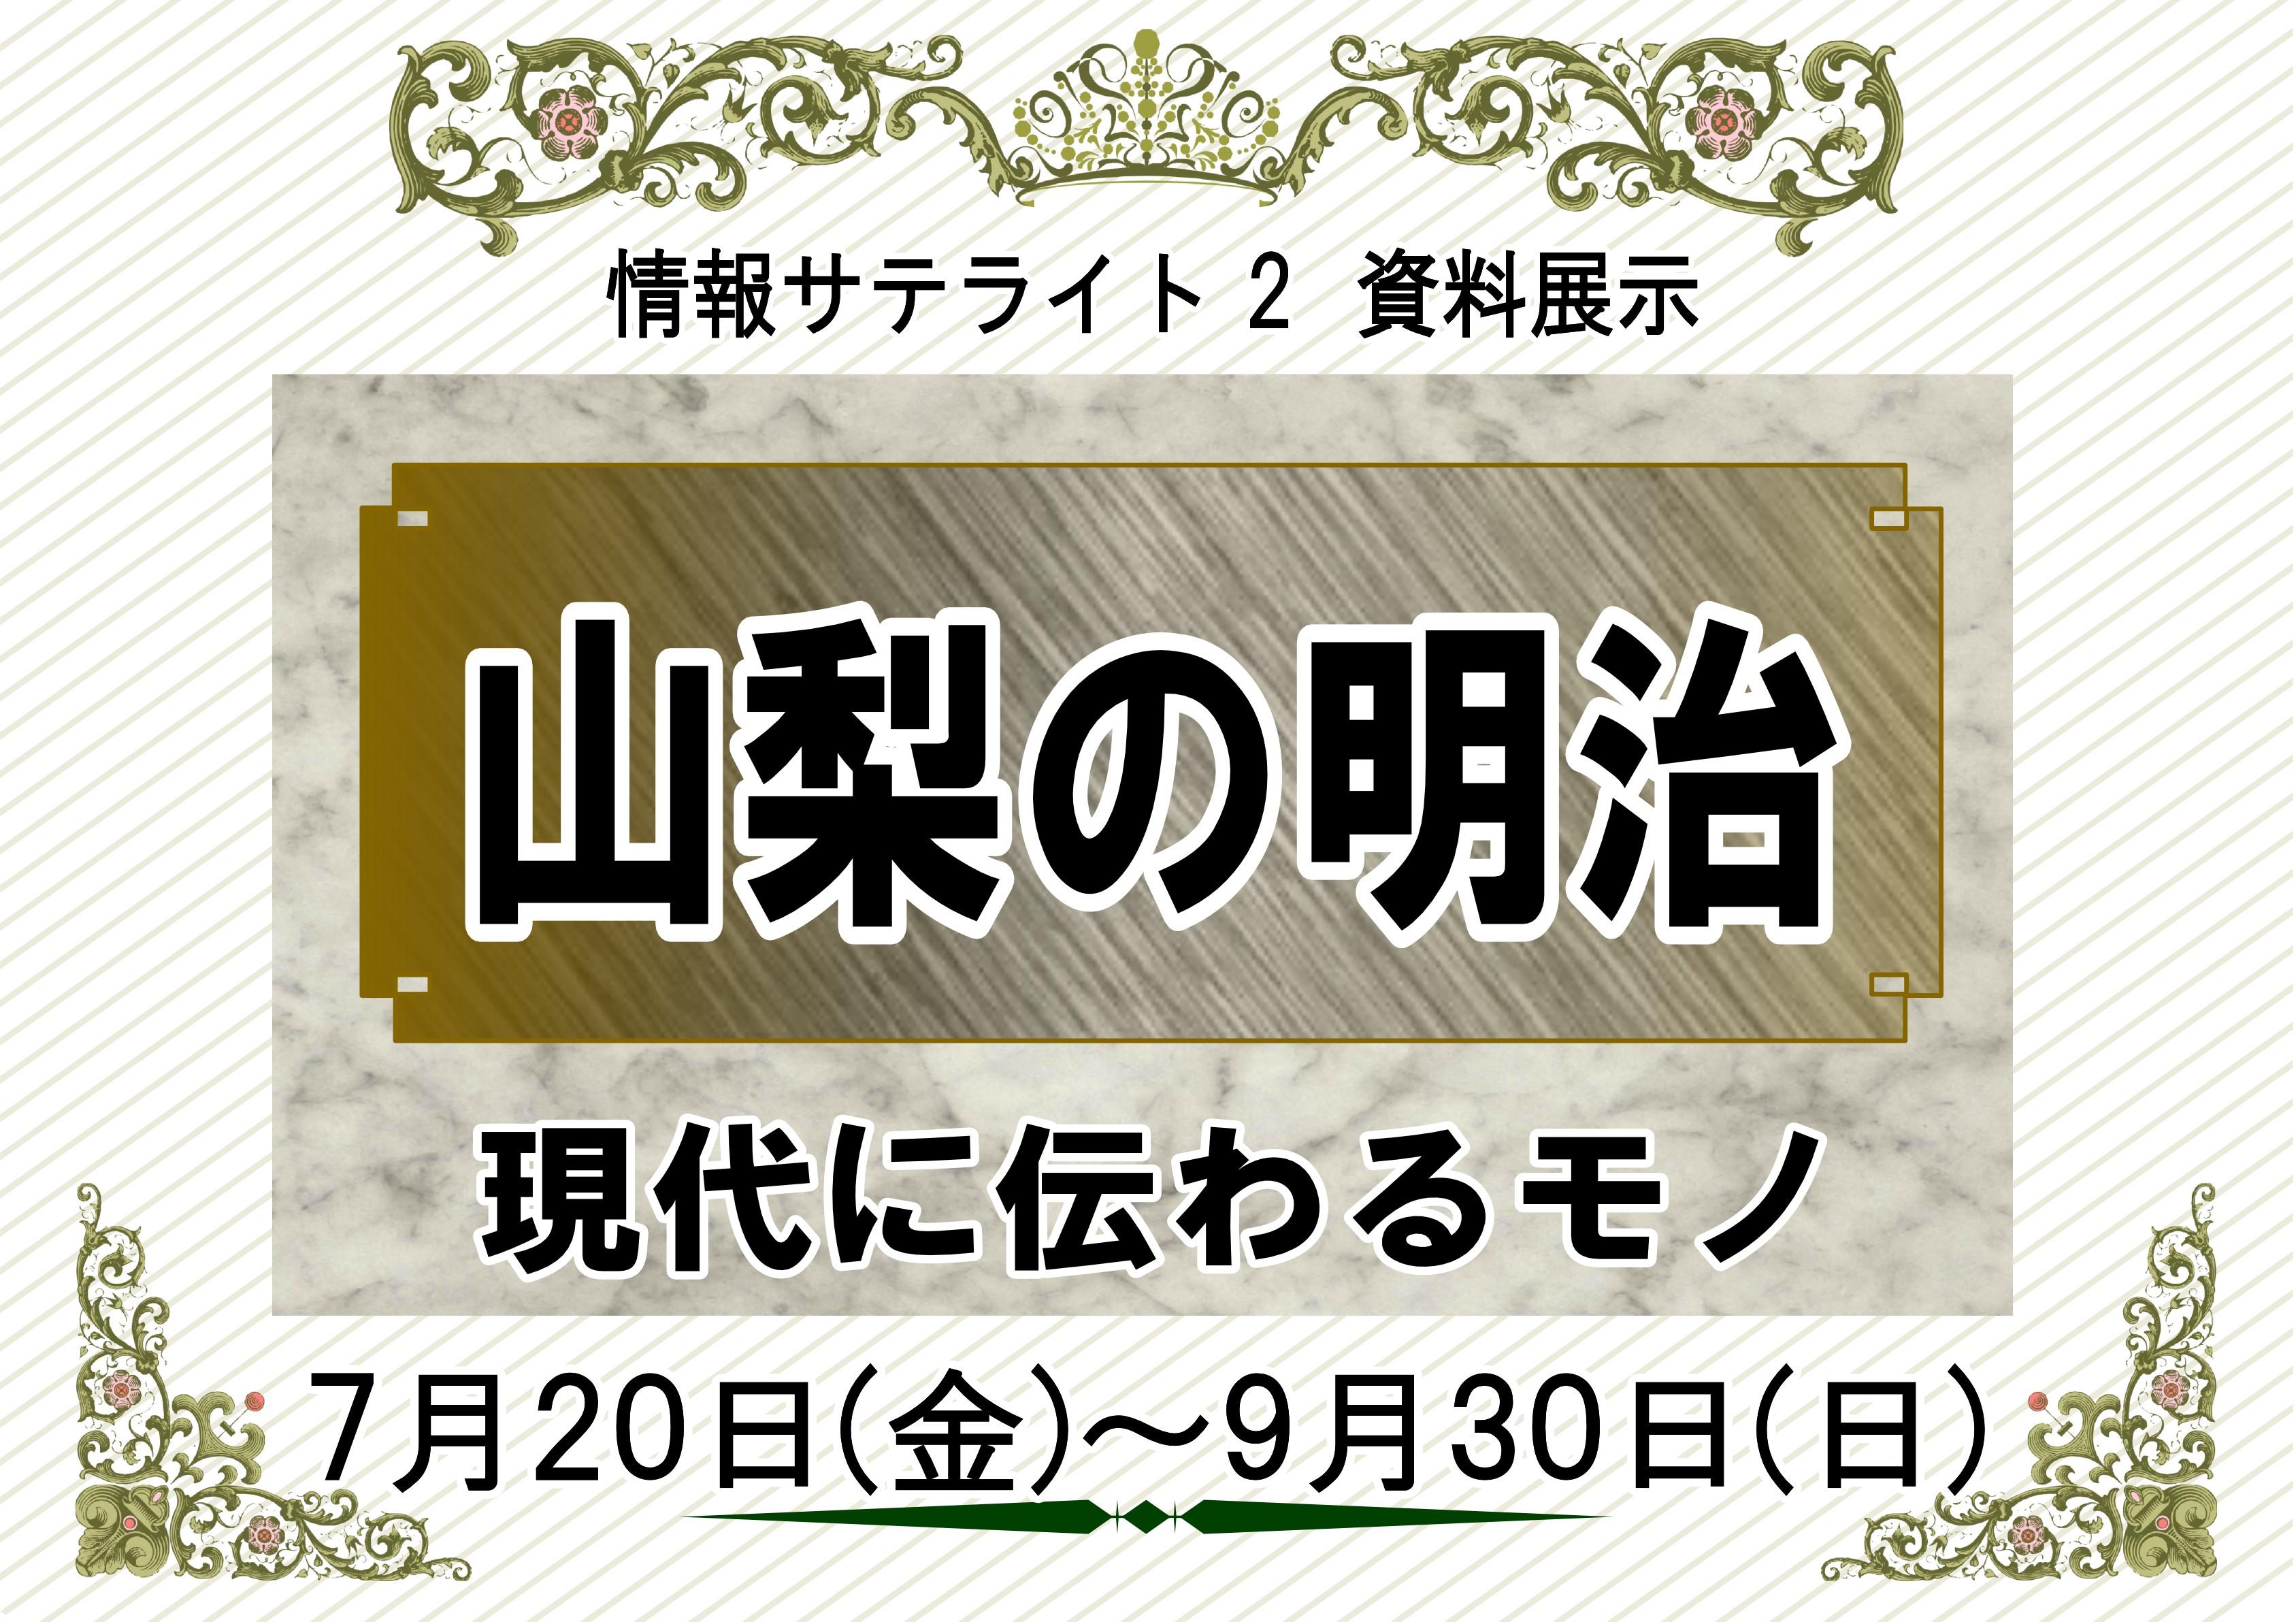 http://www.lib.pref.yamanashi.jp/oshirase/yamanashinomeiji.jpg